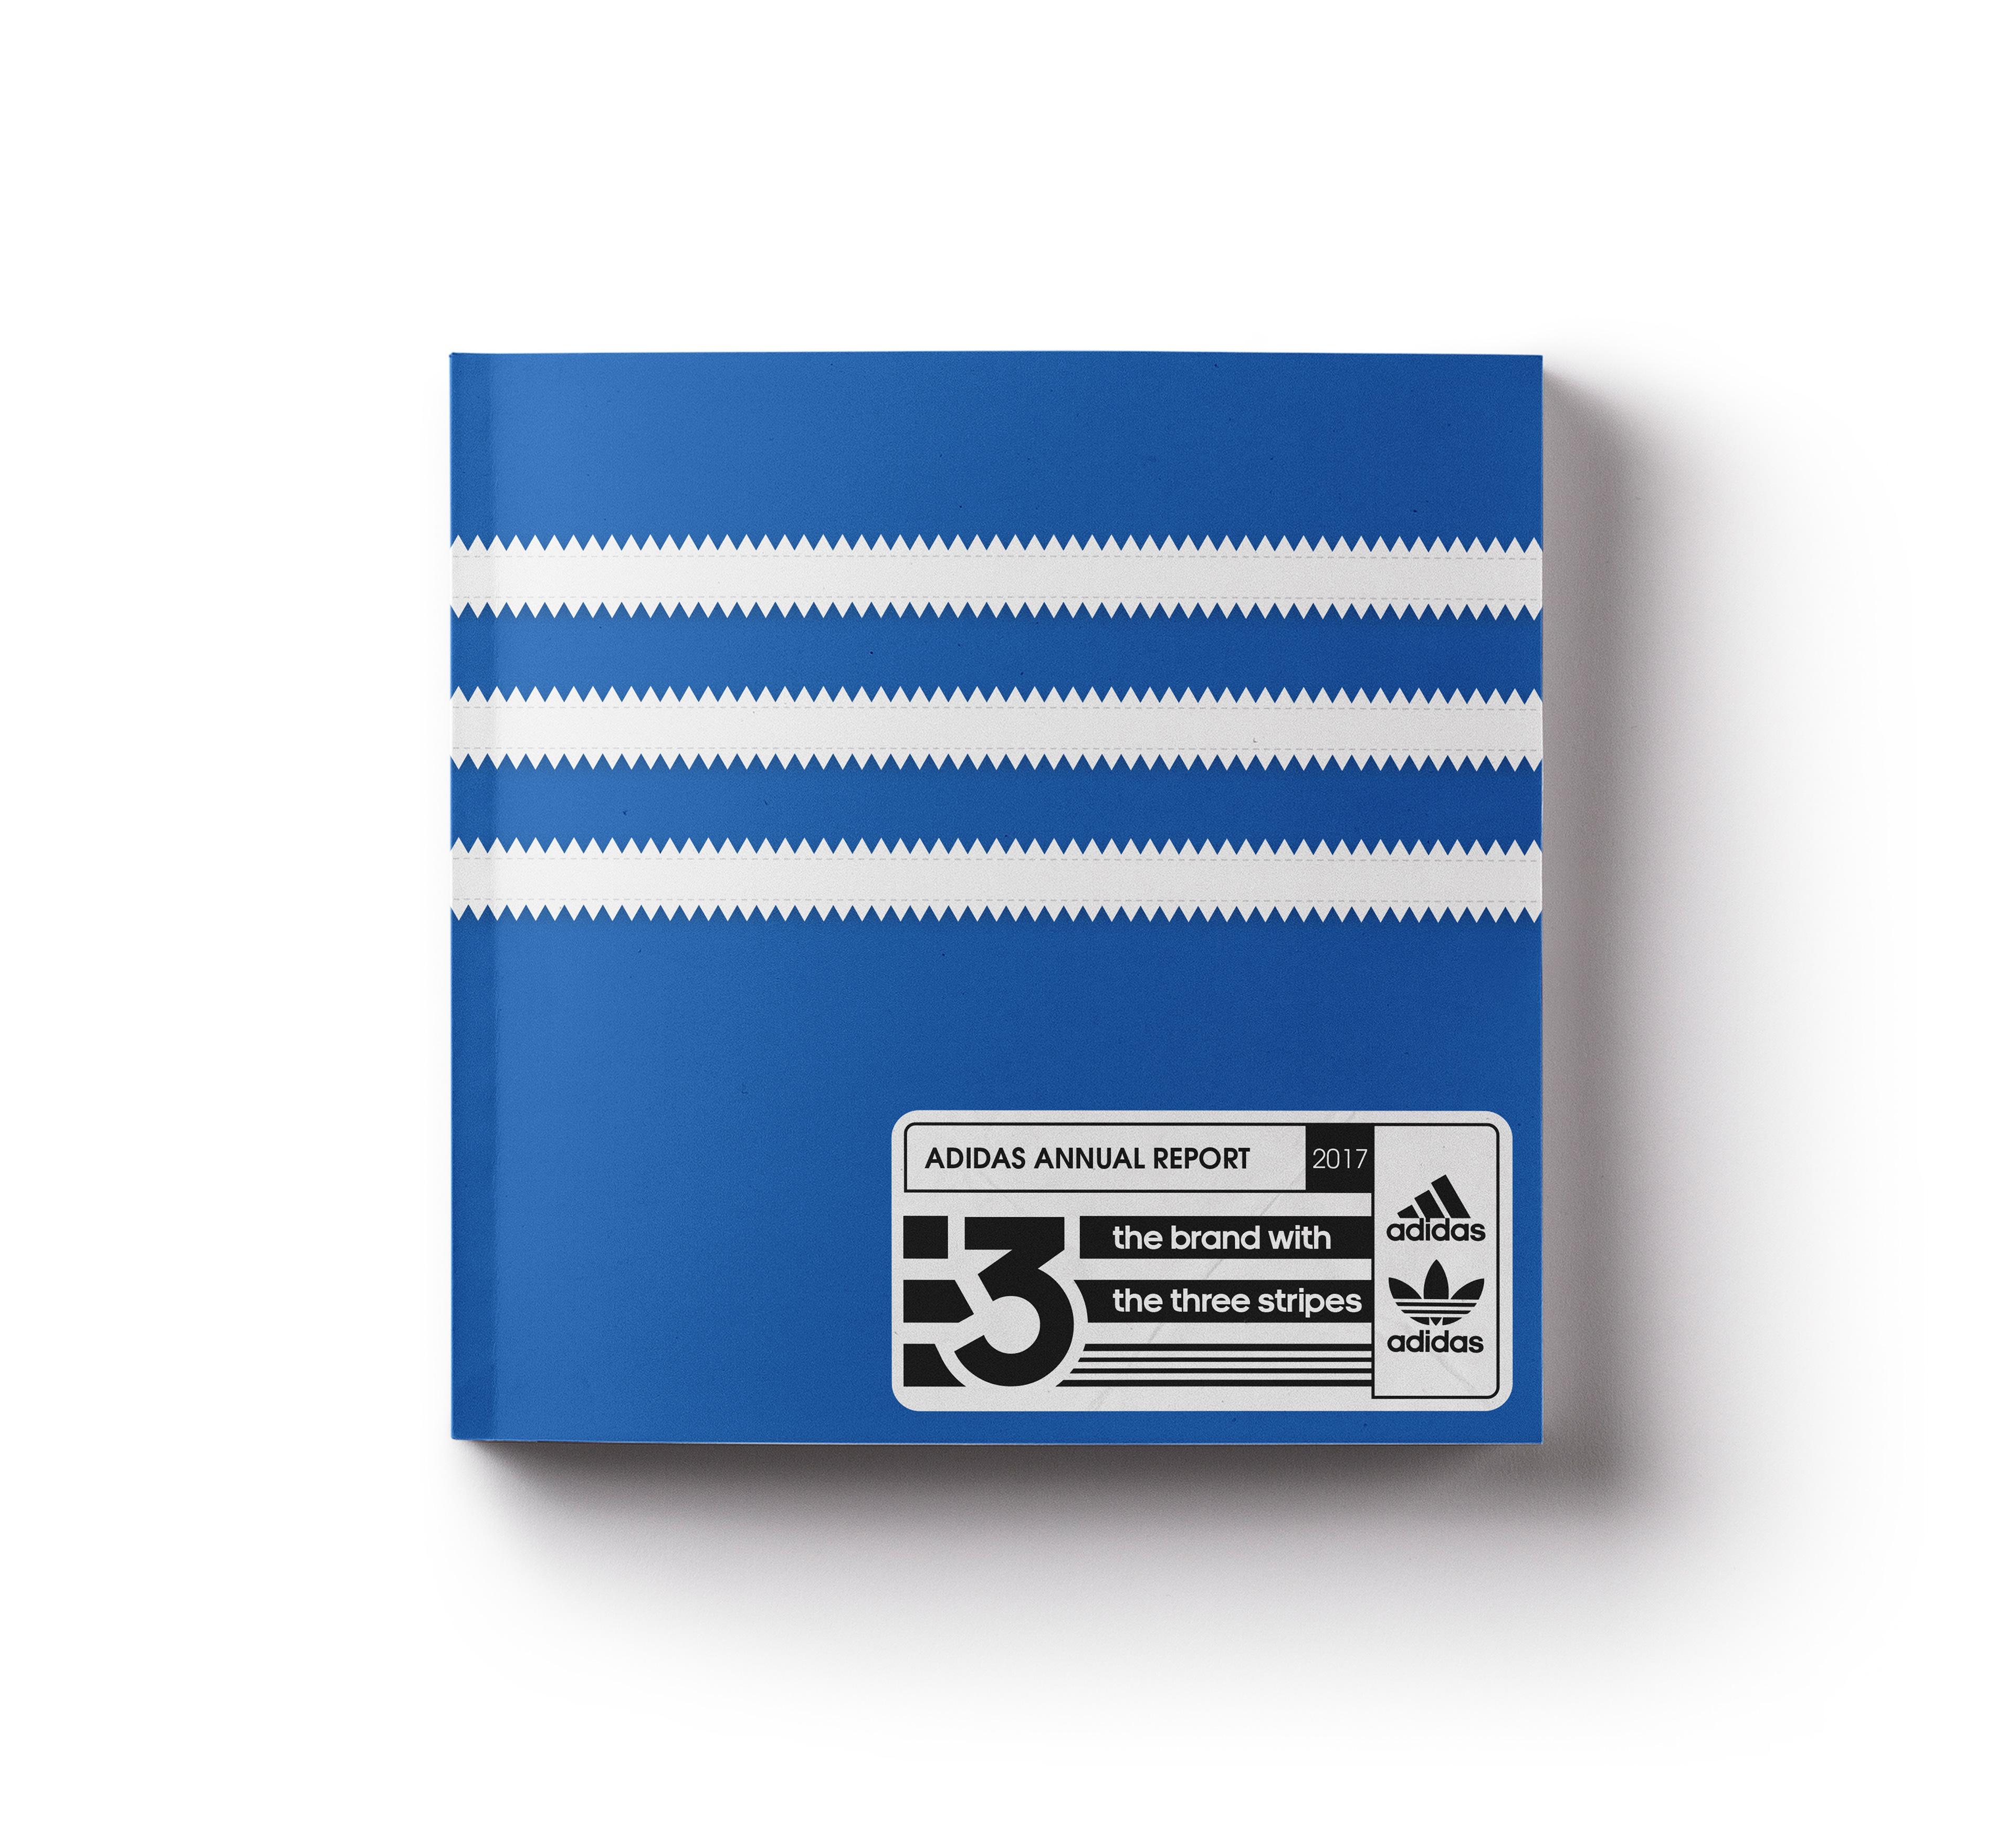 abile design più alla moda bello design Issaid Vargas - Adidas Annual Report